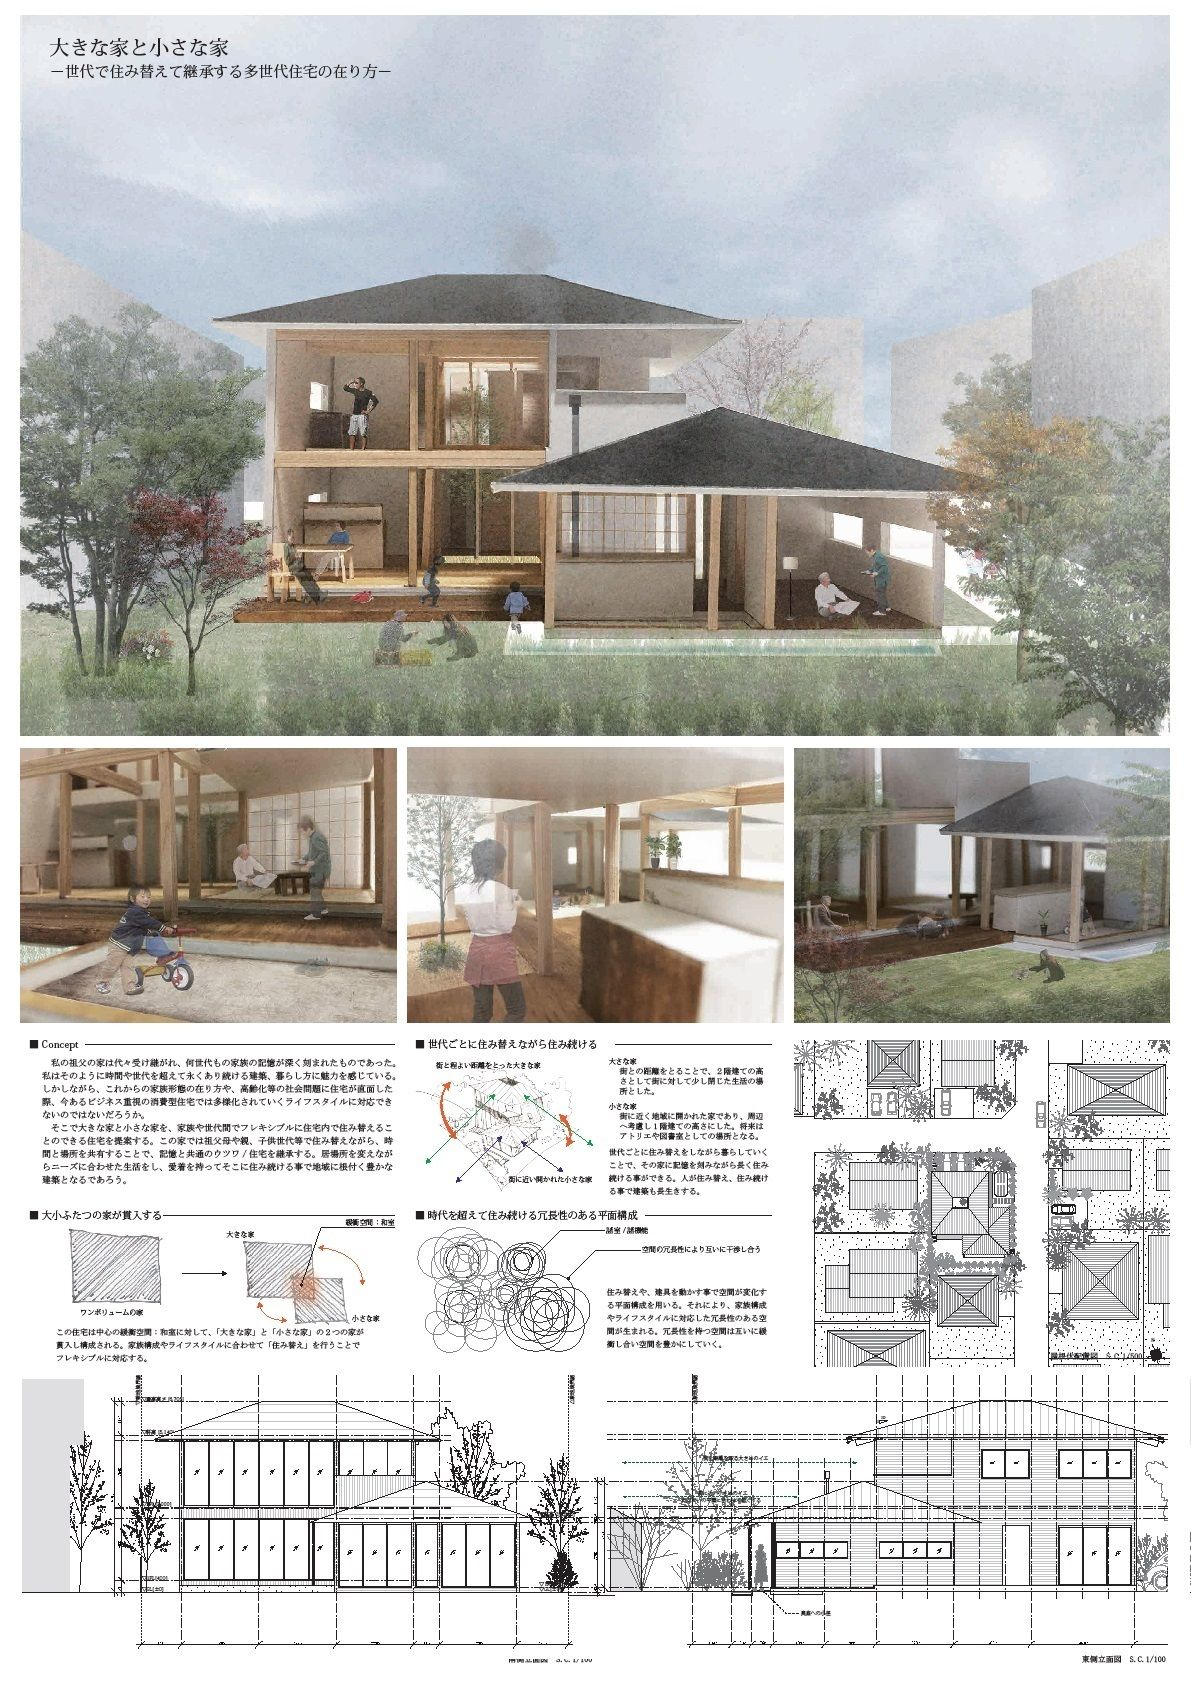 Laminas De Arquitectura の画像 投稿者 Arquitectura さん